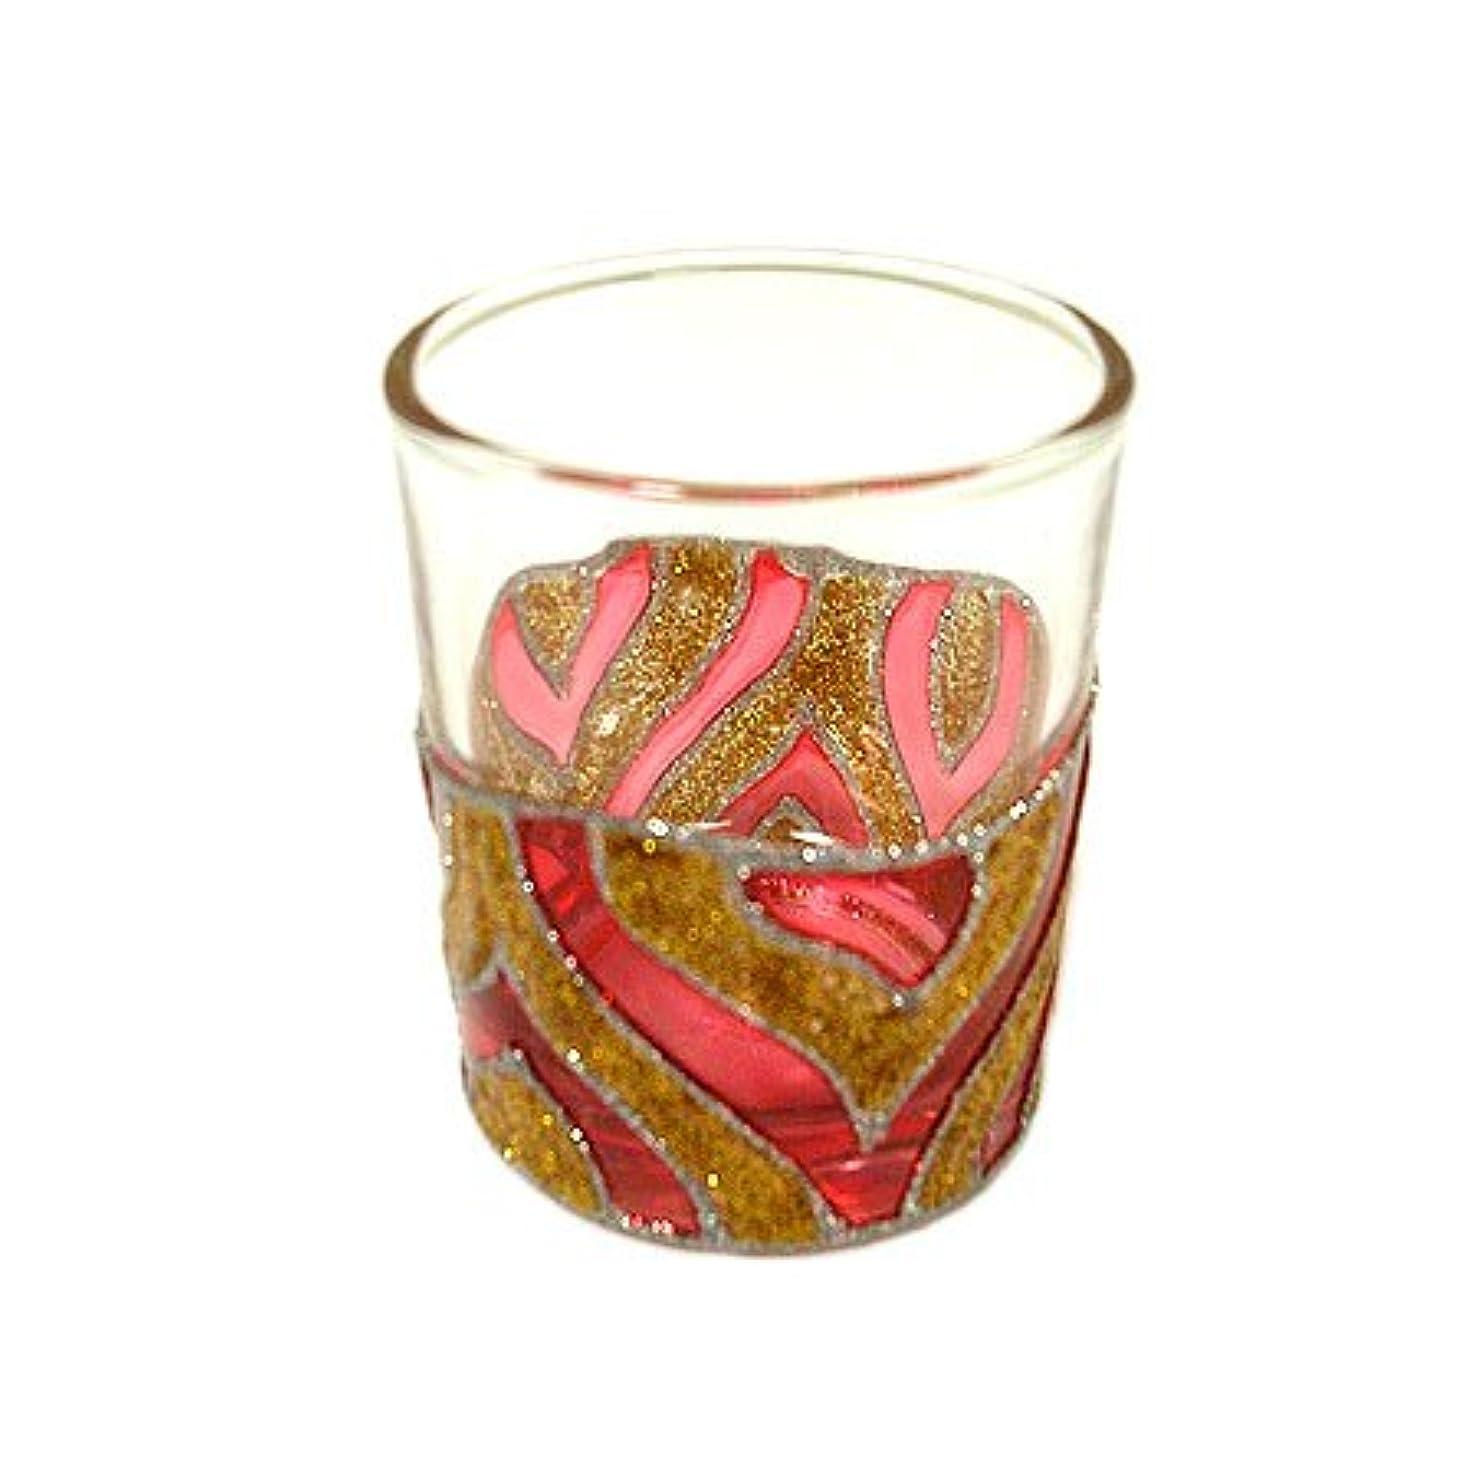 ぺディカブ異なる症候群アジアン キャンドルホルダー カップ グラス 花柄 ゴールドレッド アジアン雑貨